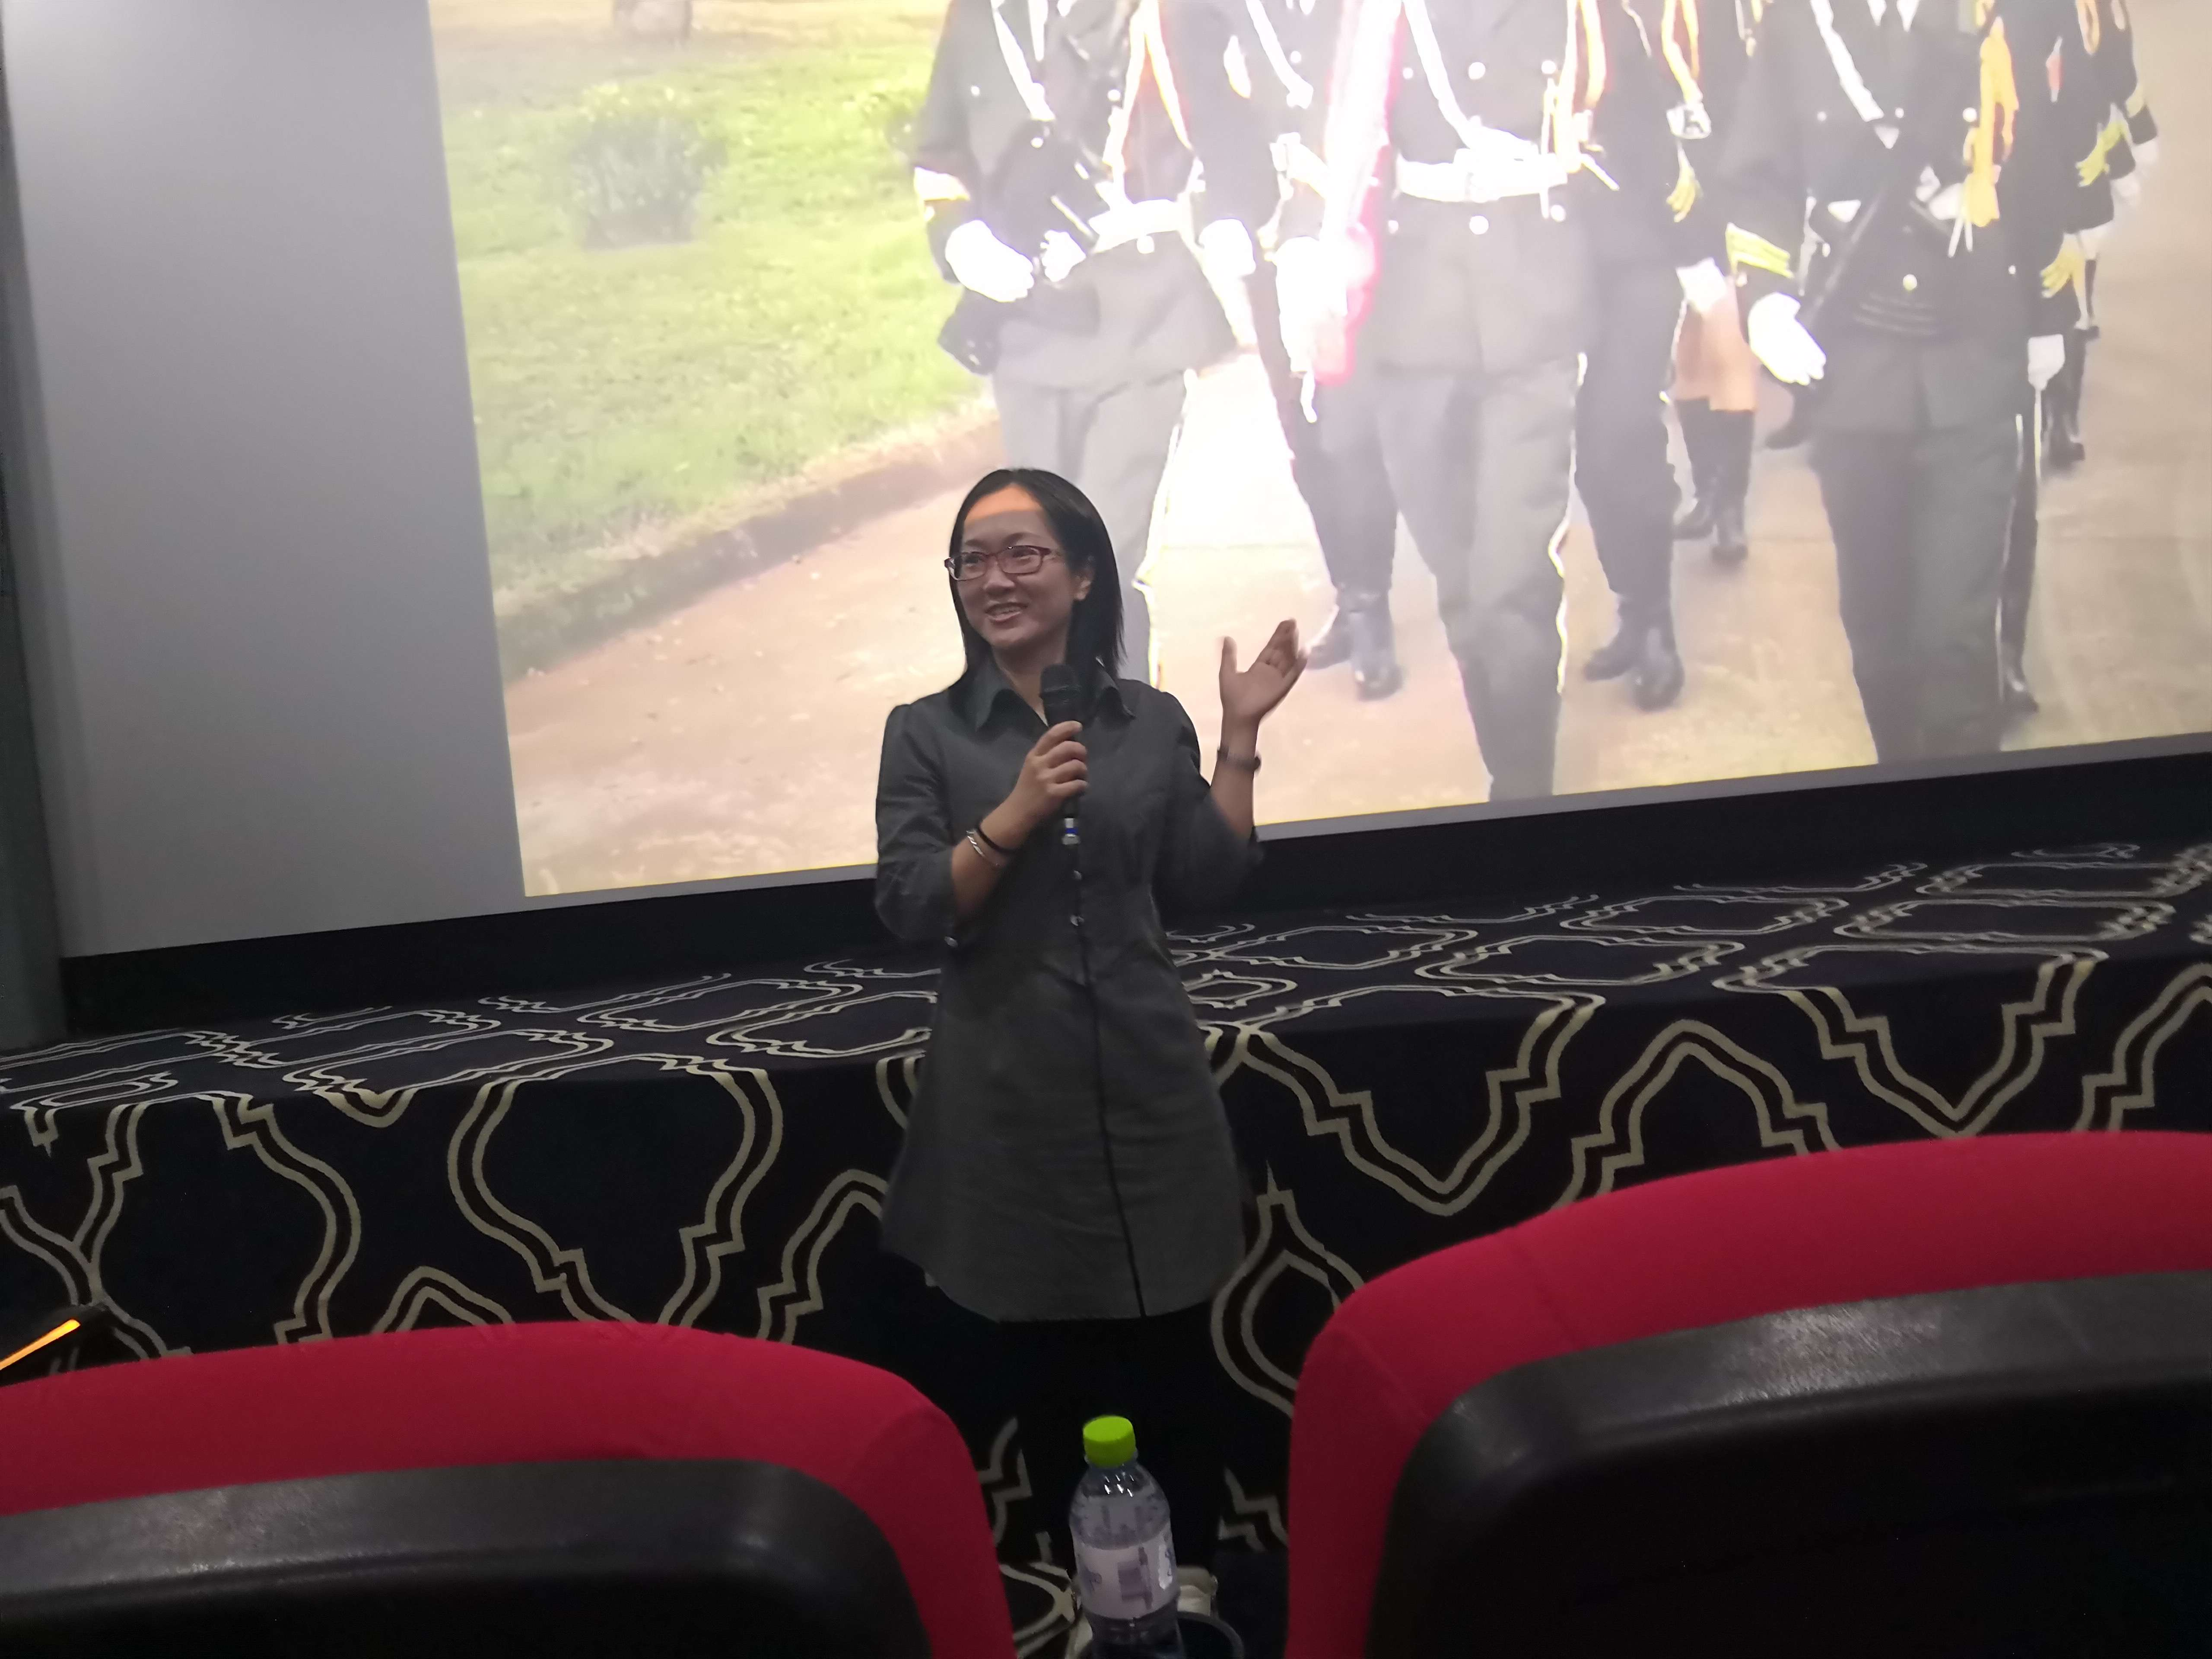 海南影视创作研究与人才培训中心第一期影视人才培训班结业仪式暨学员作品展在三亚学院